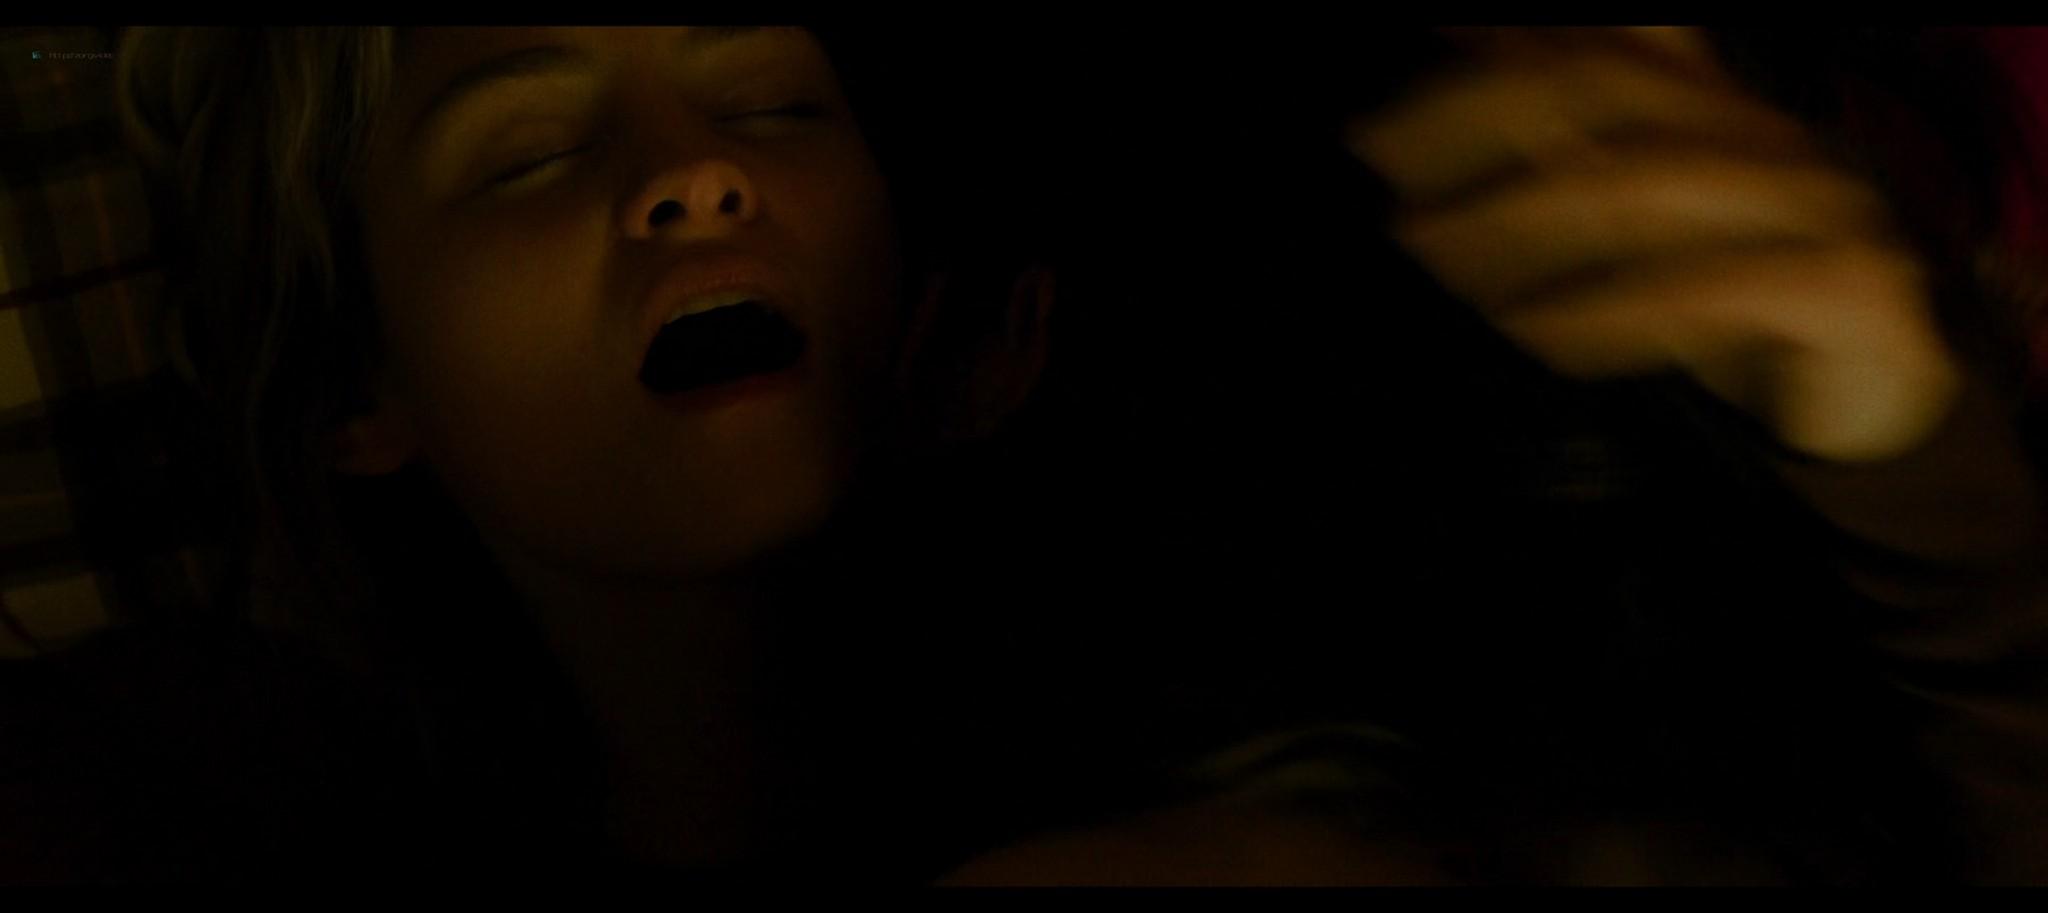 Anna Shields nude topless Rachel Finninger hot lesbian sex - Monstrous (2020) HD 1080p Web (10)